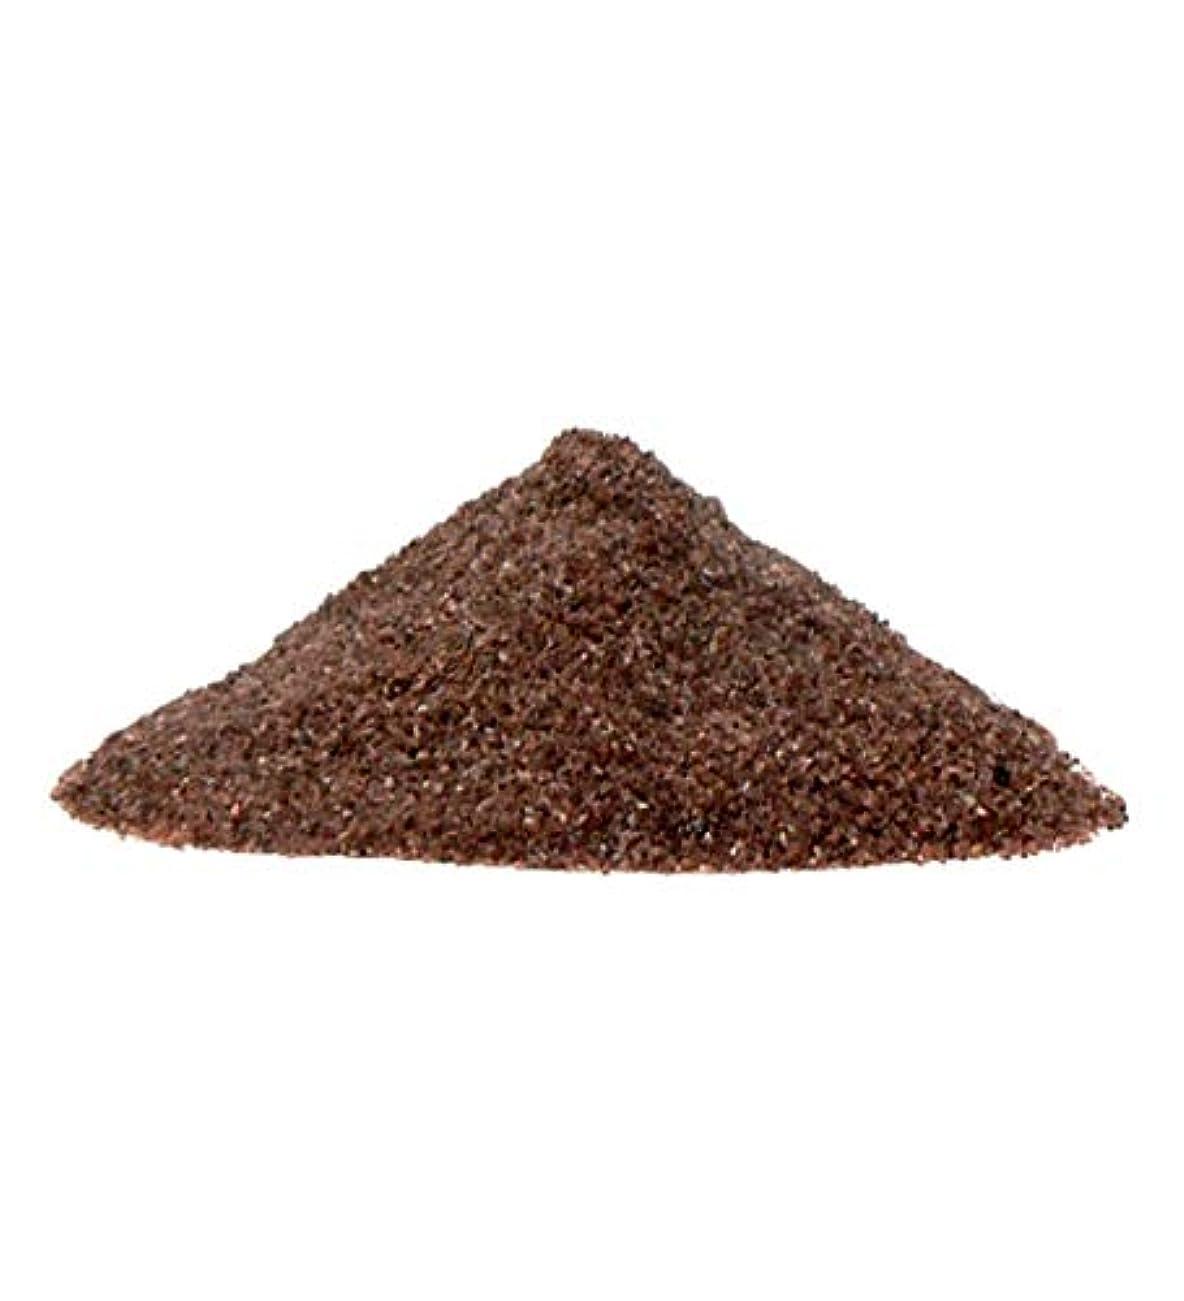 適度に必要嫌がる増量中!ヒマラヤ岩塩 ブラックソルト 入浴用 バスソルト (微粒パウダー) 黒岩塩 (3kg+500g増量)